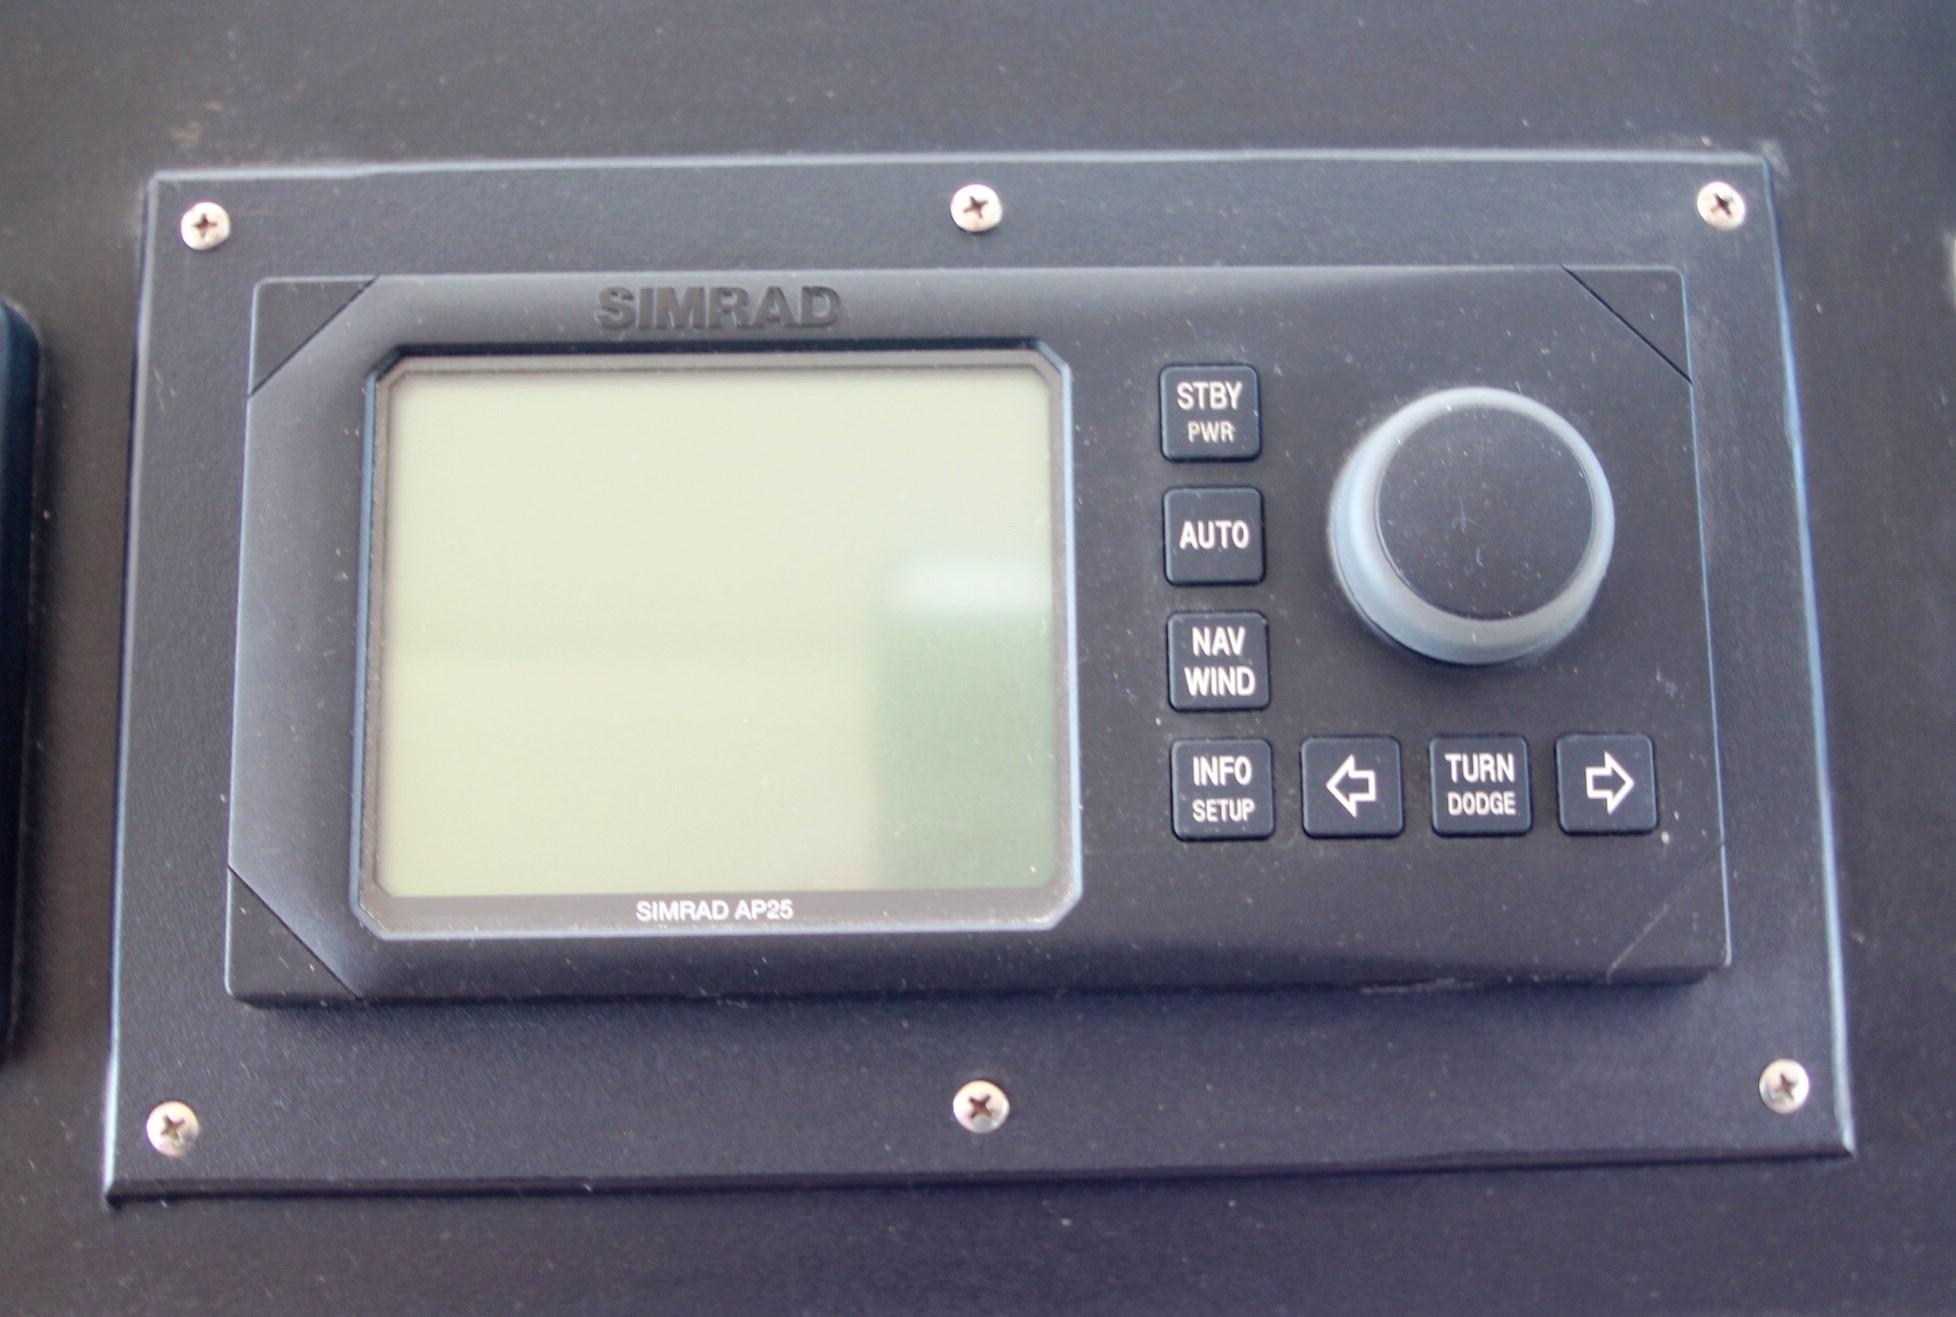 AutoPilot-Simrad AP25